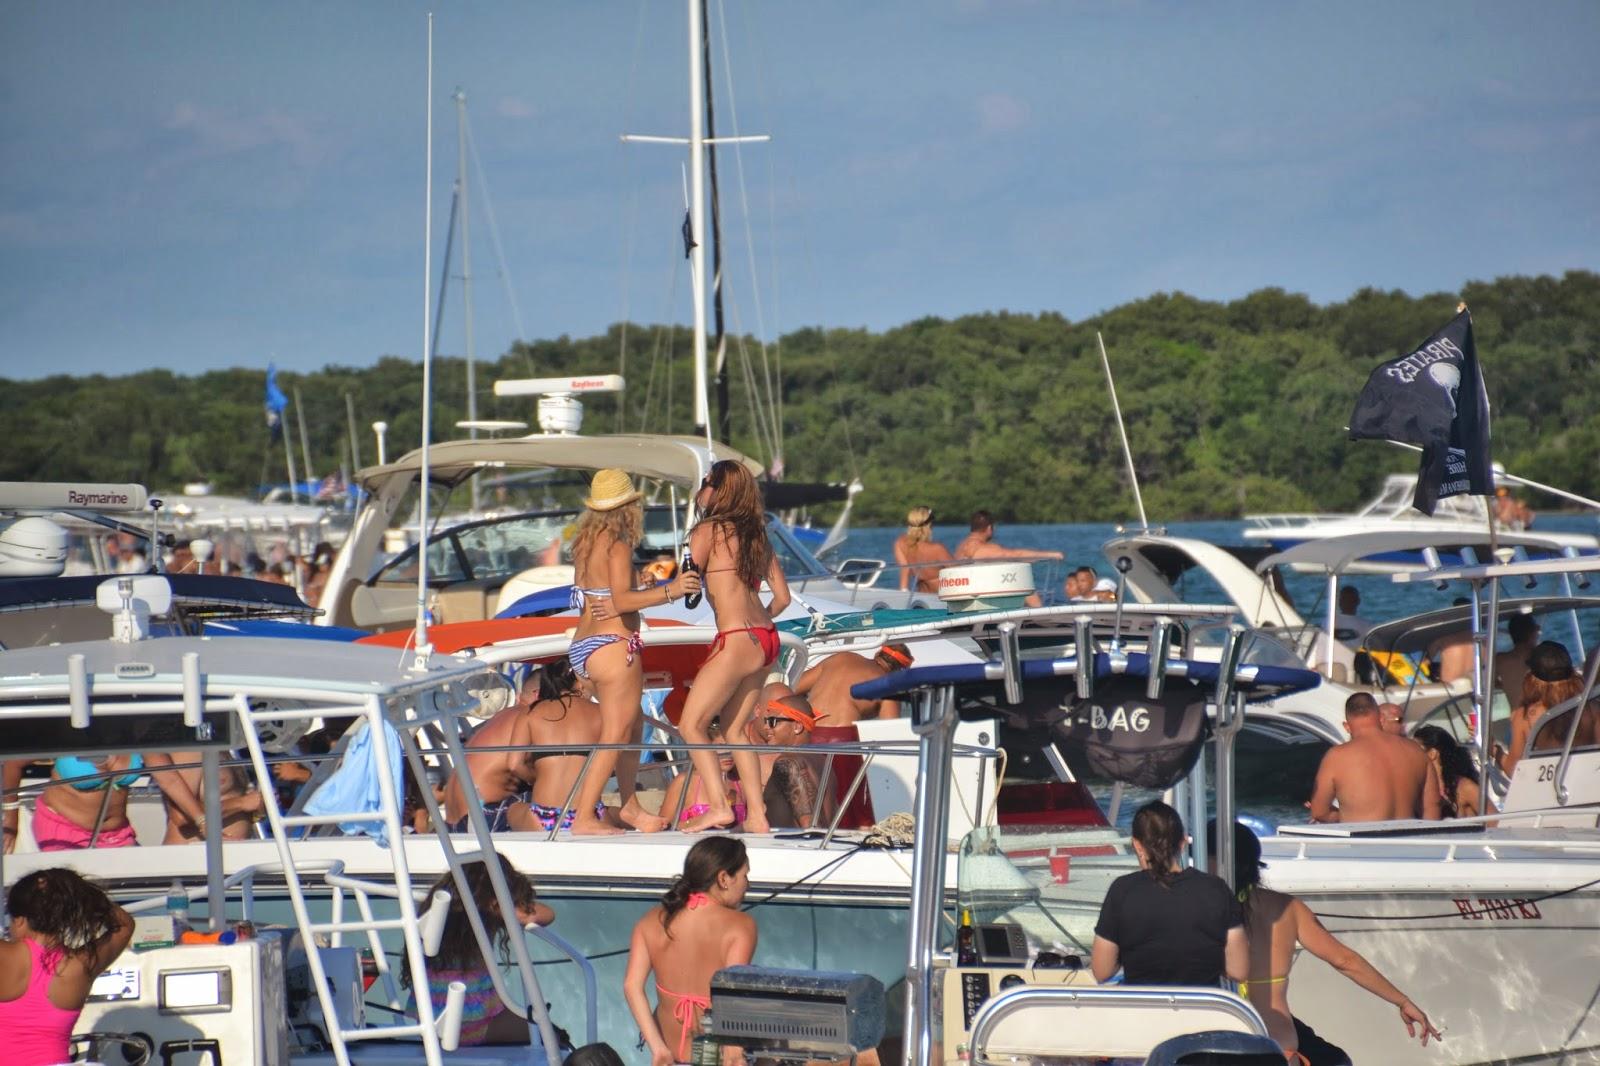 Columbus day regatta miami nude speaking, recommend